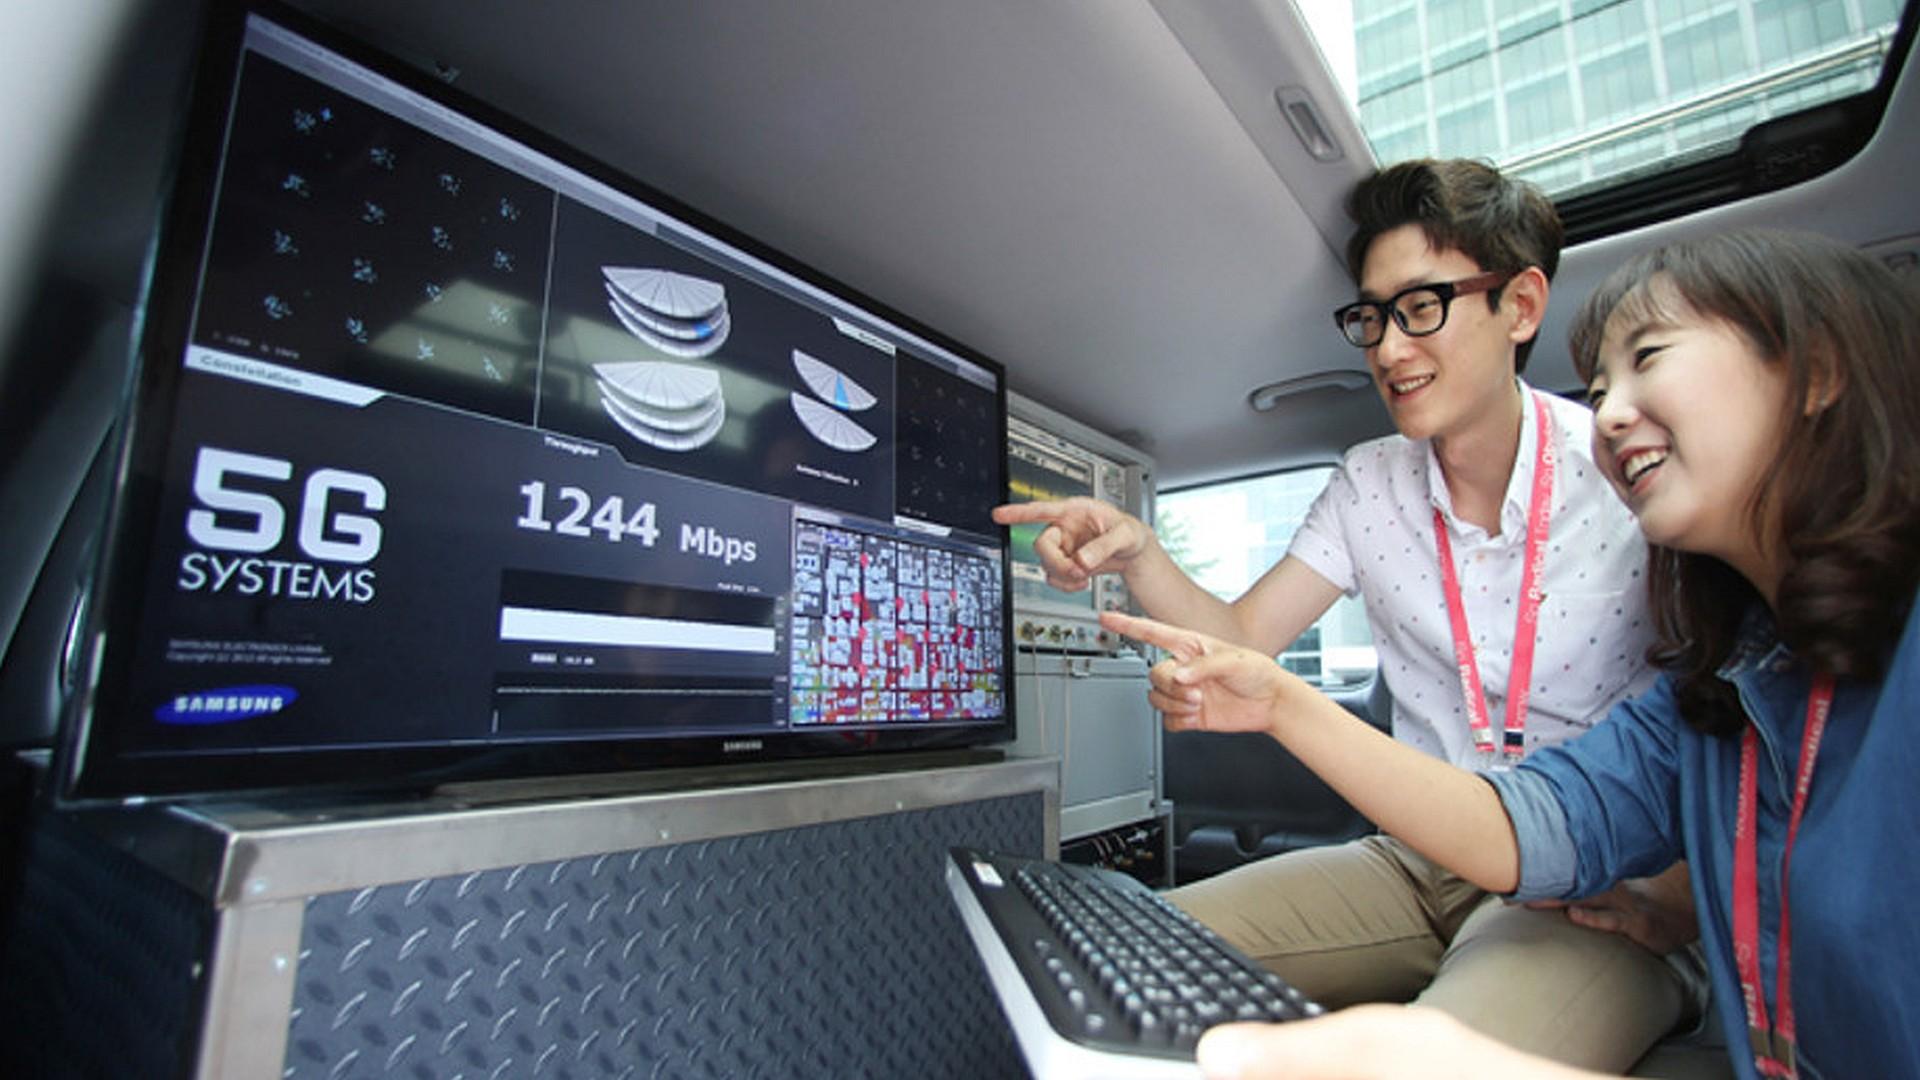 5G kommt: das Mobilfunknetz der Zukunft